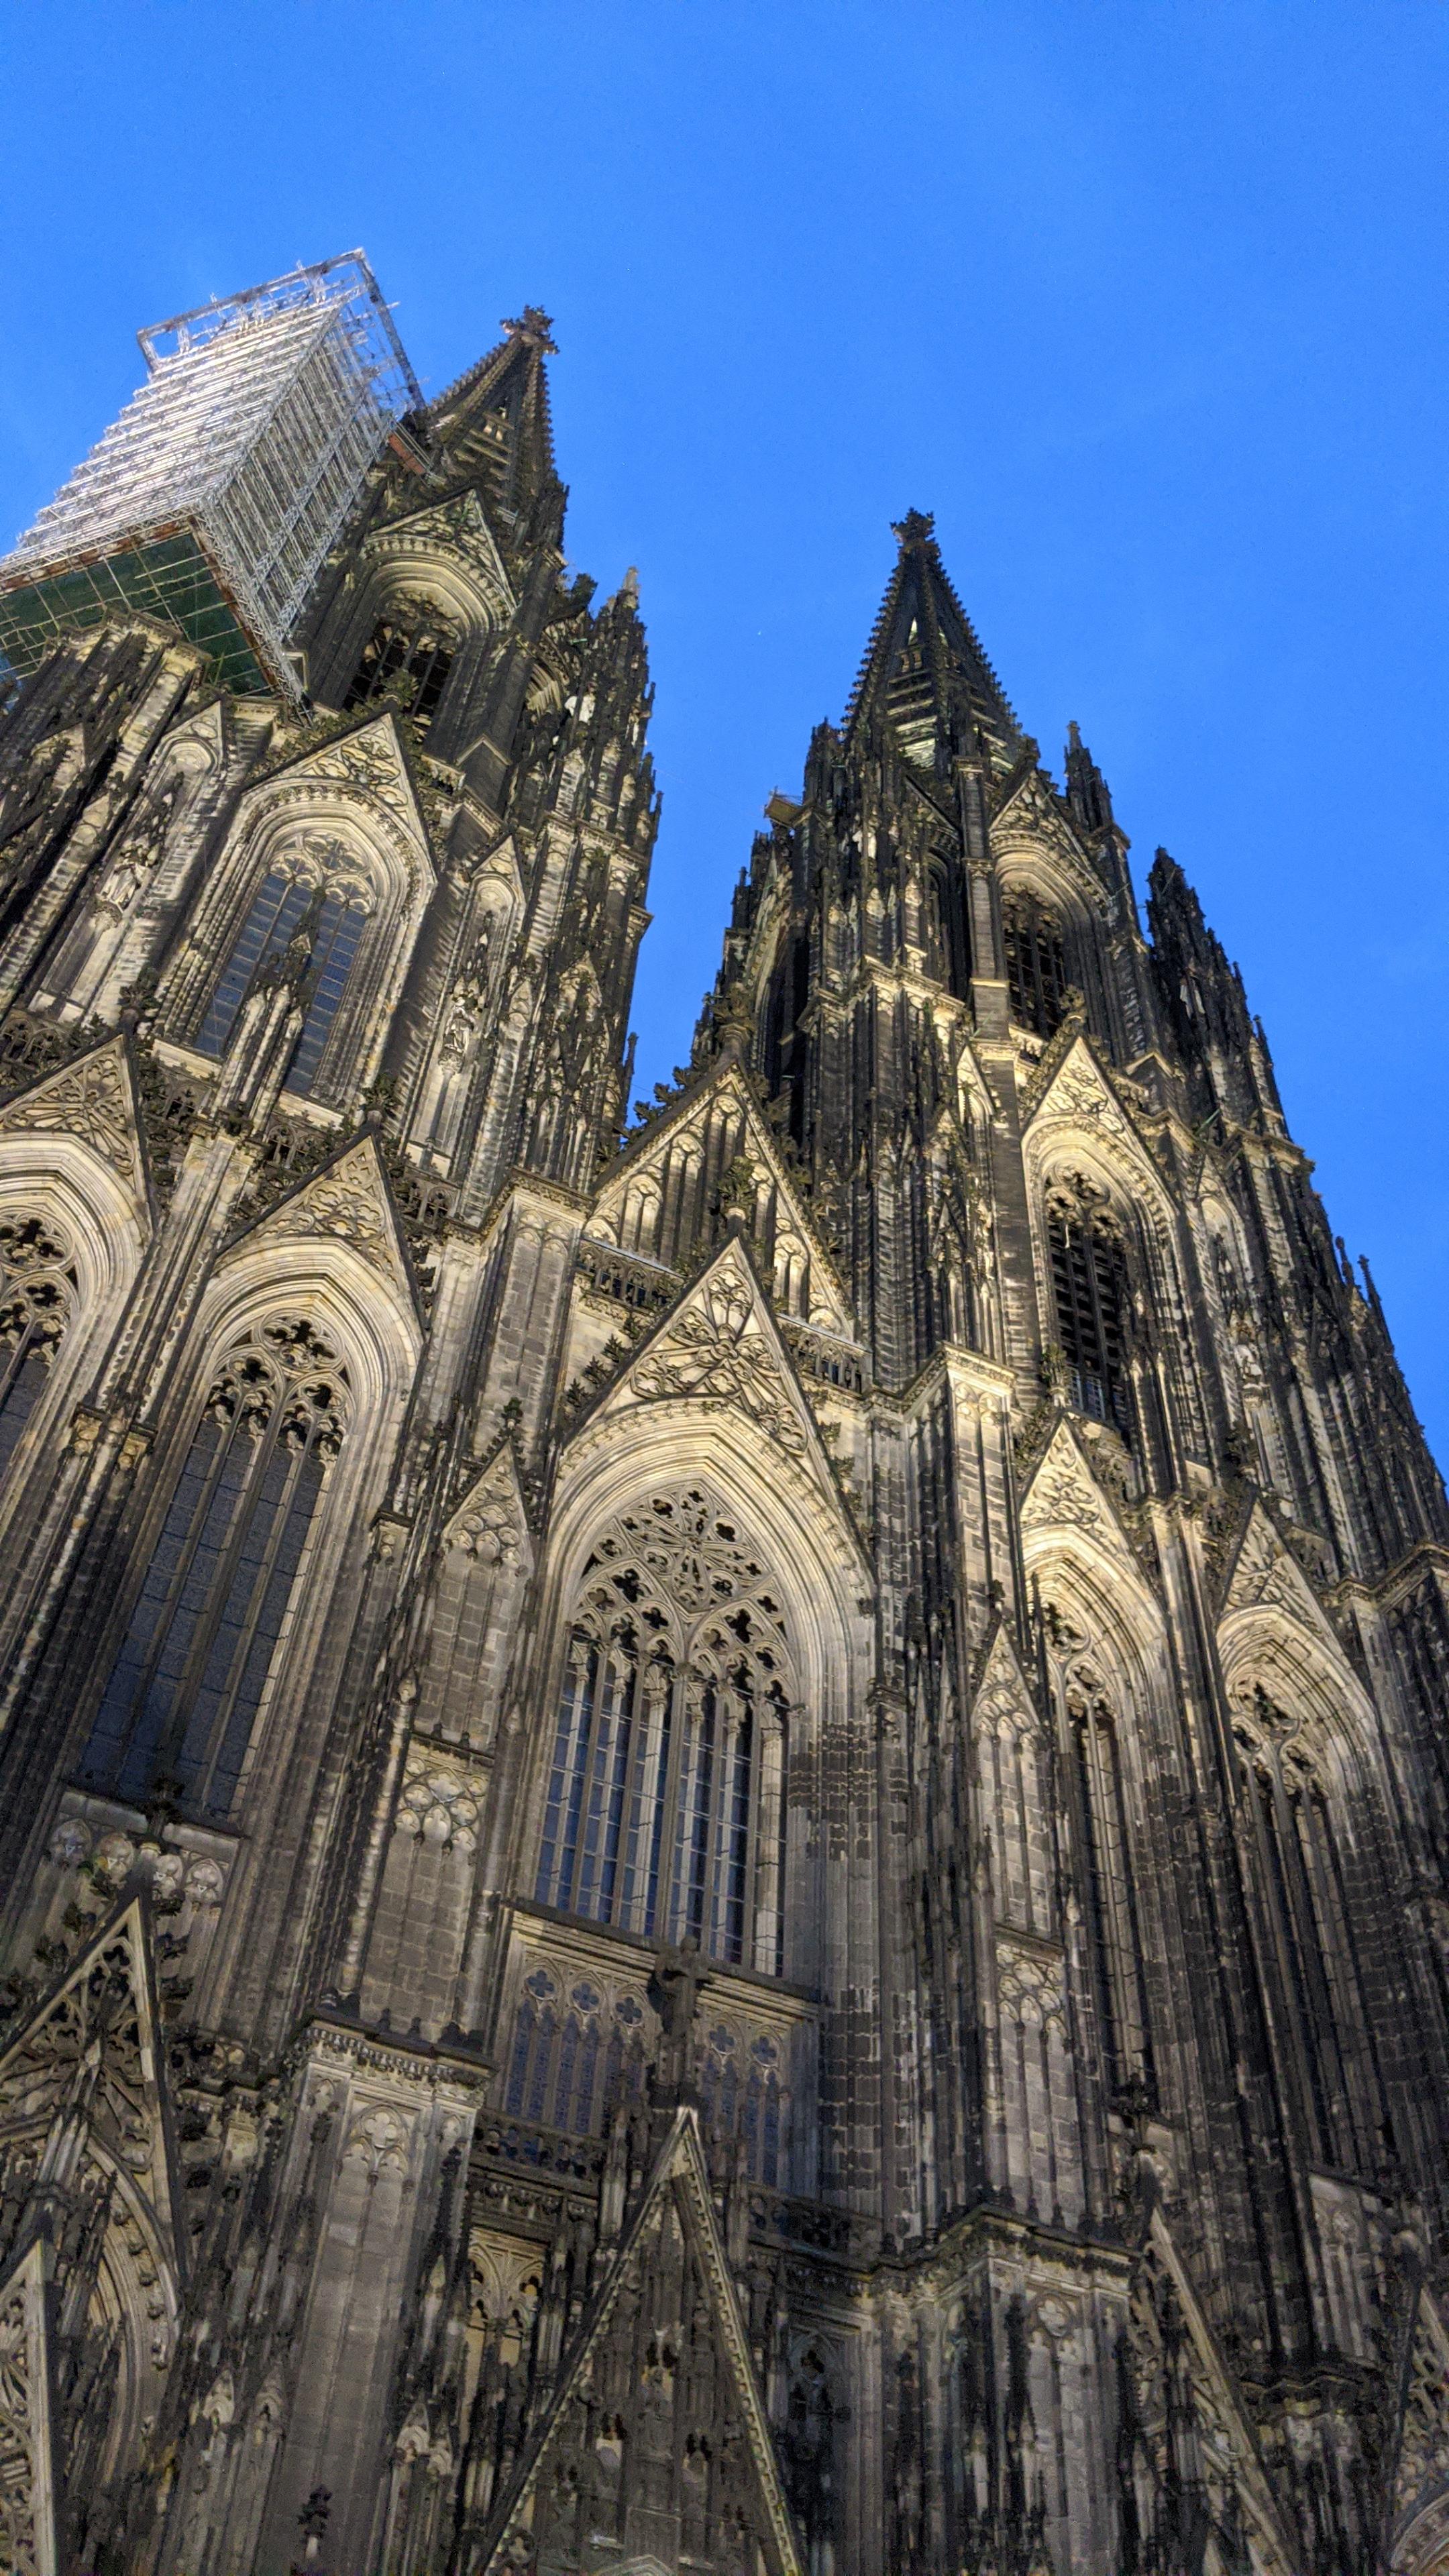 晚上的科隆大教堂